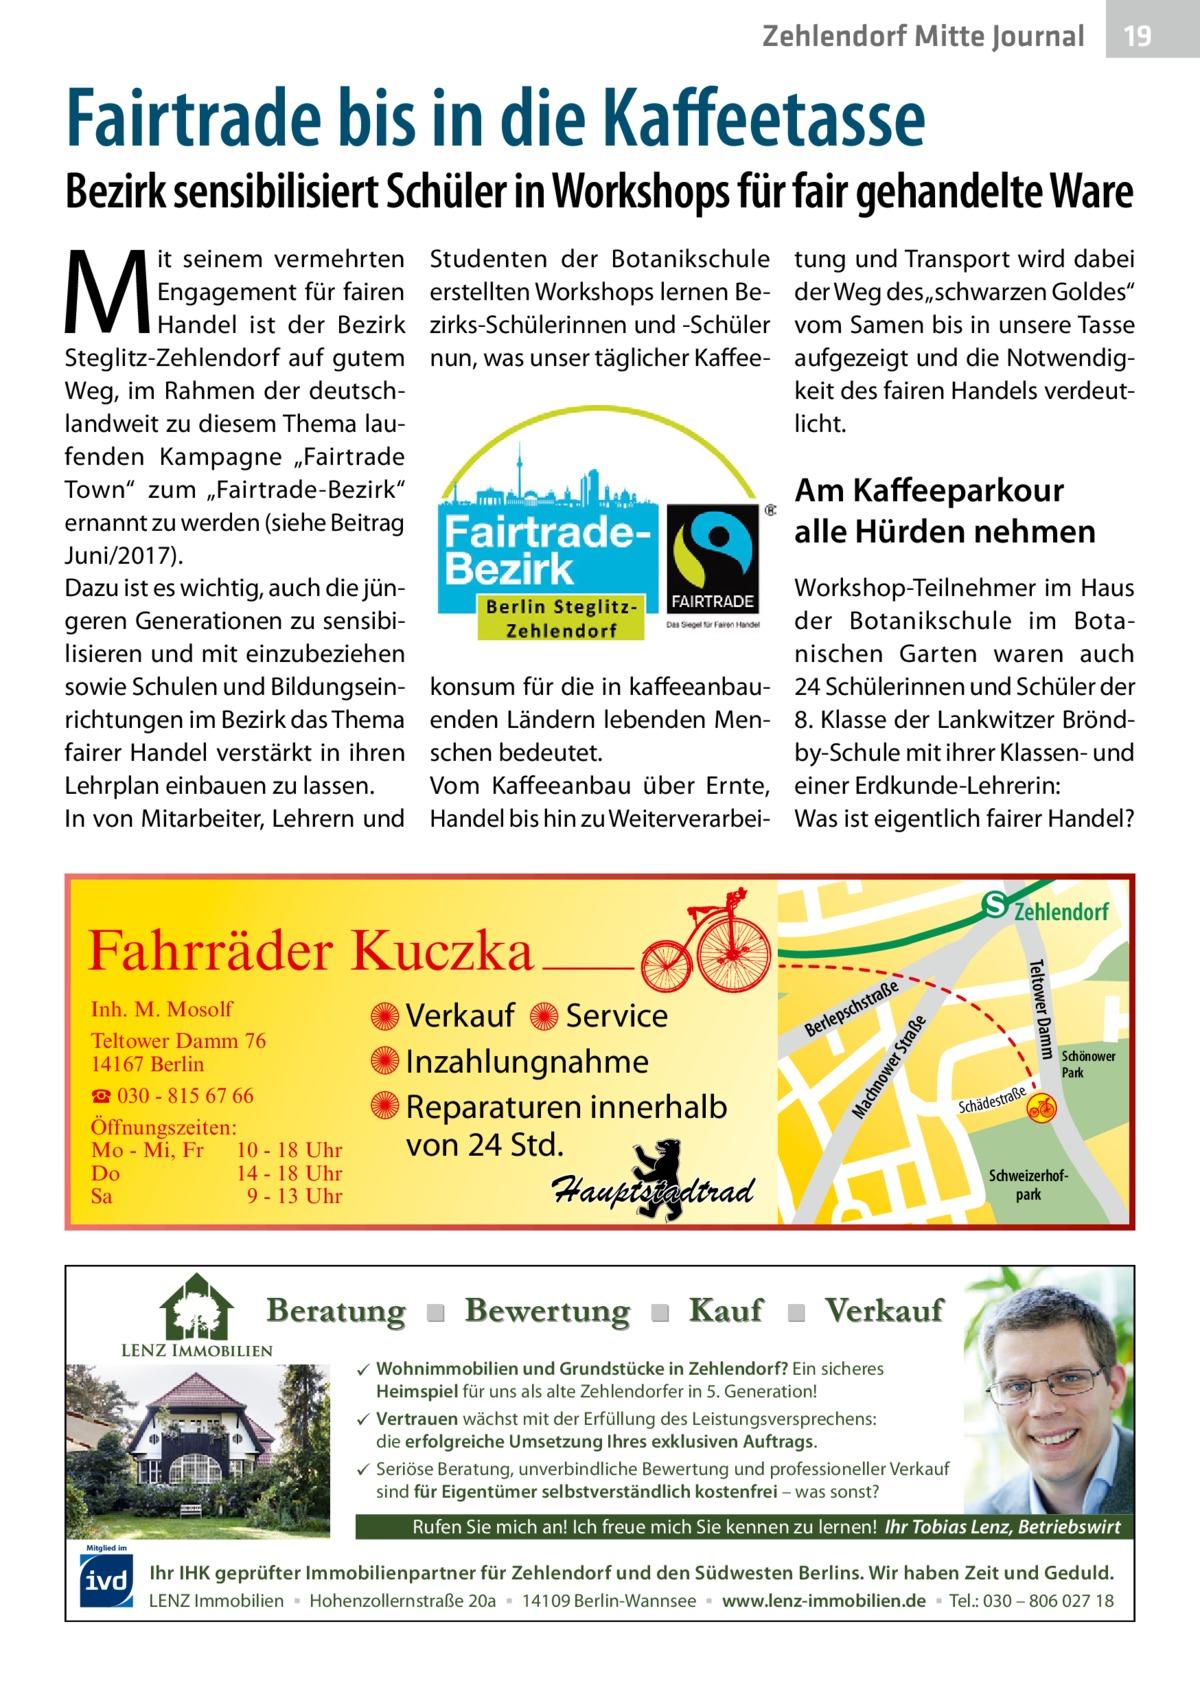 """Zehlendorf Mitte Journal  19  Fairtrade bis in die Kaffeetasse  Bezirk sensibilisiert Schüler in Workshops für fair gehandelte Ware  M  it seinem vermehrten Engagement für fairen Handel ist der Bezirk Steglitz-Zehlendorf auf gutem Weg, im Rahmen der deutschlandweit zu diesem Thema laufenden Kampagne """"Fairtrade Town"""" zum """"Fairtrade-Bezirk"""" ernannt zu werden (siehe Beitrag Juni/2017). Dazu ist es wichtig, auch die jüngeren Generationen zu sensibilisieren und mit einzubeziehen sowie Schulen und Bildungseinrichtungen im Bezirk das Thema fairer Handel verstärkt in ihren Lehrplan einbauen zu lassen. In von Mitarbeiter, Lehrern und  Studenten der Botanikschule erstellten Workshops lernen Bezirks-Schülerinnen und -Schüler nun, was unser täglicher Kaffee tung und Transport wird dabei der Weg des """"schwarzen Goldes"""" vom Samen bis in unsere Tasse aufgezeigt und die Notwendigkeit des fairen Handels verdeutlicht.  Am Kaffeeparkour alle Hürden nehmen  konsum für die in kaffeeanbauenden Ländern lebenden Menschen bedeutet. Vom Kaffeeanbau über Ernte, Handel bis hin zu Weiterverarbei Workshop-Teilnehmer im Haus der Botanikschule im Botanischen Garten waren auch 24Schülerinnen und Schüler der 8.Klasse der Lankwitzer Bröndby-Schule mit ihrer Klassen- und einer Erdkunde-Lehrerin: Was ist eigentlich fairer Handel?  e  ow er S traß chn  Ma  str.  Hauptstadtrad  Sc  a ße hä d e s t r  Schönower Park  Schweizerhofpark  udstr.  Beratung ■ Bewertung ■ Kauf ■ Verkauf  Wohnimmobilien und Grundstücke in Zehlendorf? Ein sicheres Heimspiel für uns als alte Zehlendorfer in 5. Generation!  Vertrauen wächst mit der Erfüllung des Leistungsversprechens: die erfolgreiche Umsetzung Ihres exklusiven Auftrags.  Seriöse Beratung, unverbindliche Bewertung und professioneller Verkauf sind für Eigentümer selbstverständlich kostenfrei – was sonst?  Rufen Sie mich an! Ich freue mich Sie kennen zu lernen! Ihr Tobias Lenz, Betriebswirt Mitglied im  Ihr IHK geprüfter Immobilienpartner für Zehlendorf und den Südwest"""